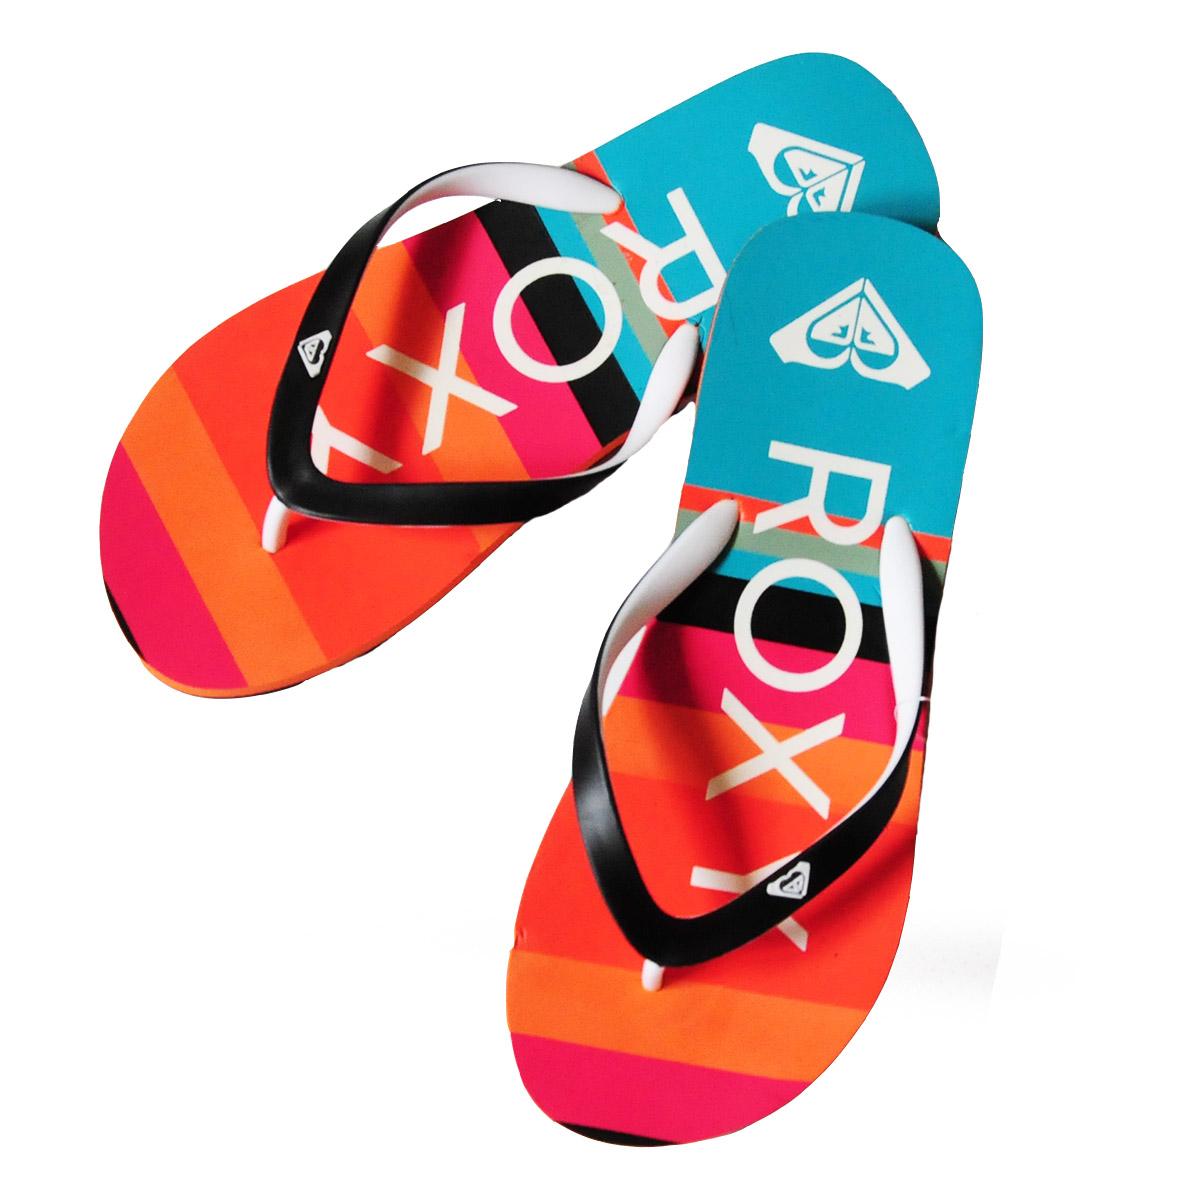 Заказать брендовые пляжные шлепанцы Roxy - купить онлайн в интернет-магазине